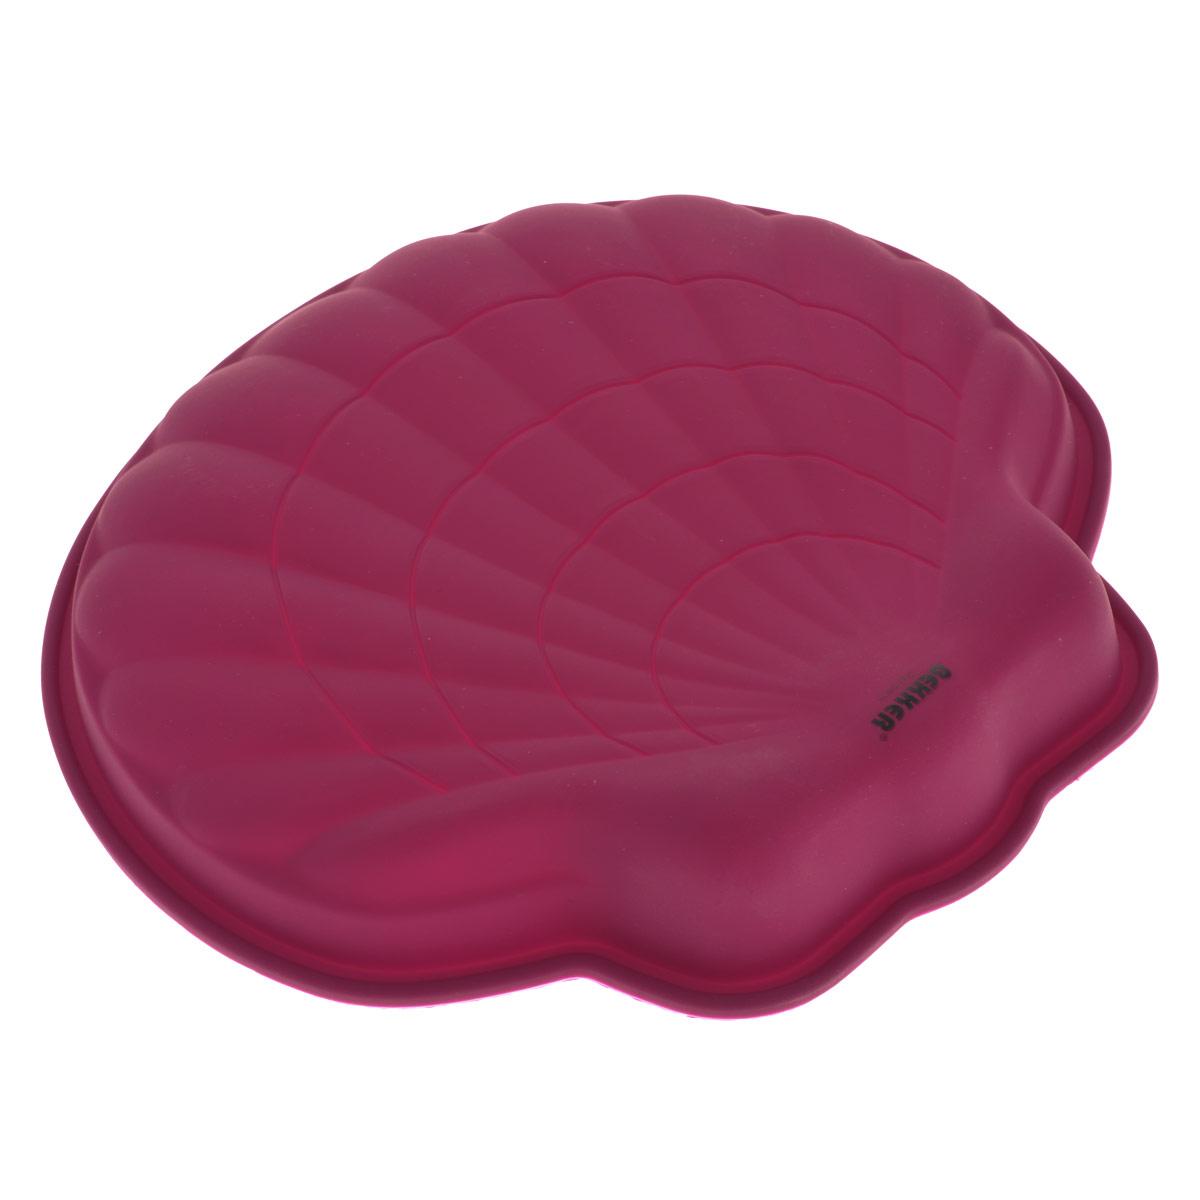 Форма для выпечки Bekker Ракушка, цвет: вишневый. BK-9441BK-9441Форма для выпечки Bekker Ракушка изготовлена из силикона вишневого цвета - материала, который выдерживает температура от -50°С до +250°С. Изделия из силикона очень удобны в использовании: пища в них не пригорает и не прилипает к стенкам, легко моется. Приготовленное блюдо можно очень просто вытащить, просто перевернув форму, при этом внешний вид блюда не нарушится. Изделие обладает эластичными свойствами: складывается без изломов, восстанавливает свою первоначальную форму. Подходит для приготовления в микроволновой печи и духовом шкафу при нагревании до +250°С; для замораживания до -50°С и чистки в посудомоечной машине. Рекомендации по использованию: - не помещайте форму непосредственно на источник тепла (открытый огонь, гриль), - не используйте нож для резки продуктов в форме, - не используйте CRISP функцию при приготовлении в микроволновой печи, - не используйте для чистки абразивные средства, скребки и щетки. Характеристики:Материал: силикон. Цвет: вишневый. Размер формы (ДхШхВ): 24 см х 23 см х 3,5 см. Производитель: Германия. Изготовитель: Китай. Артикул: BK-9441.